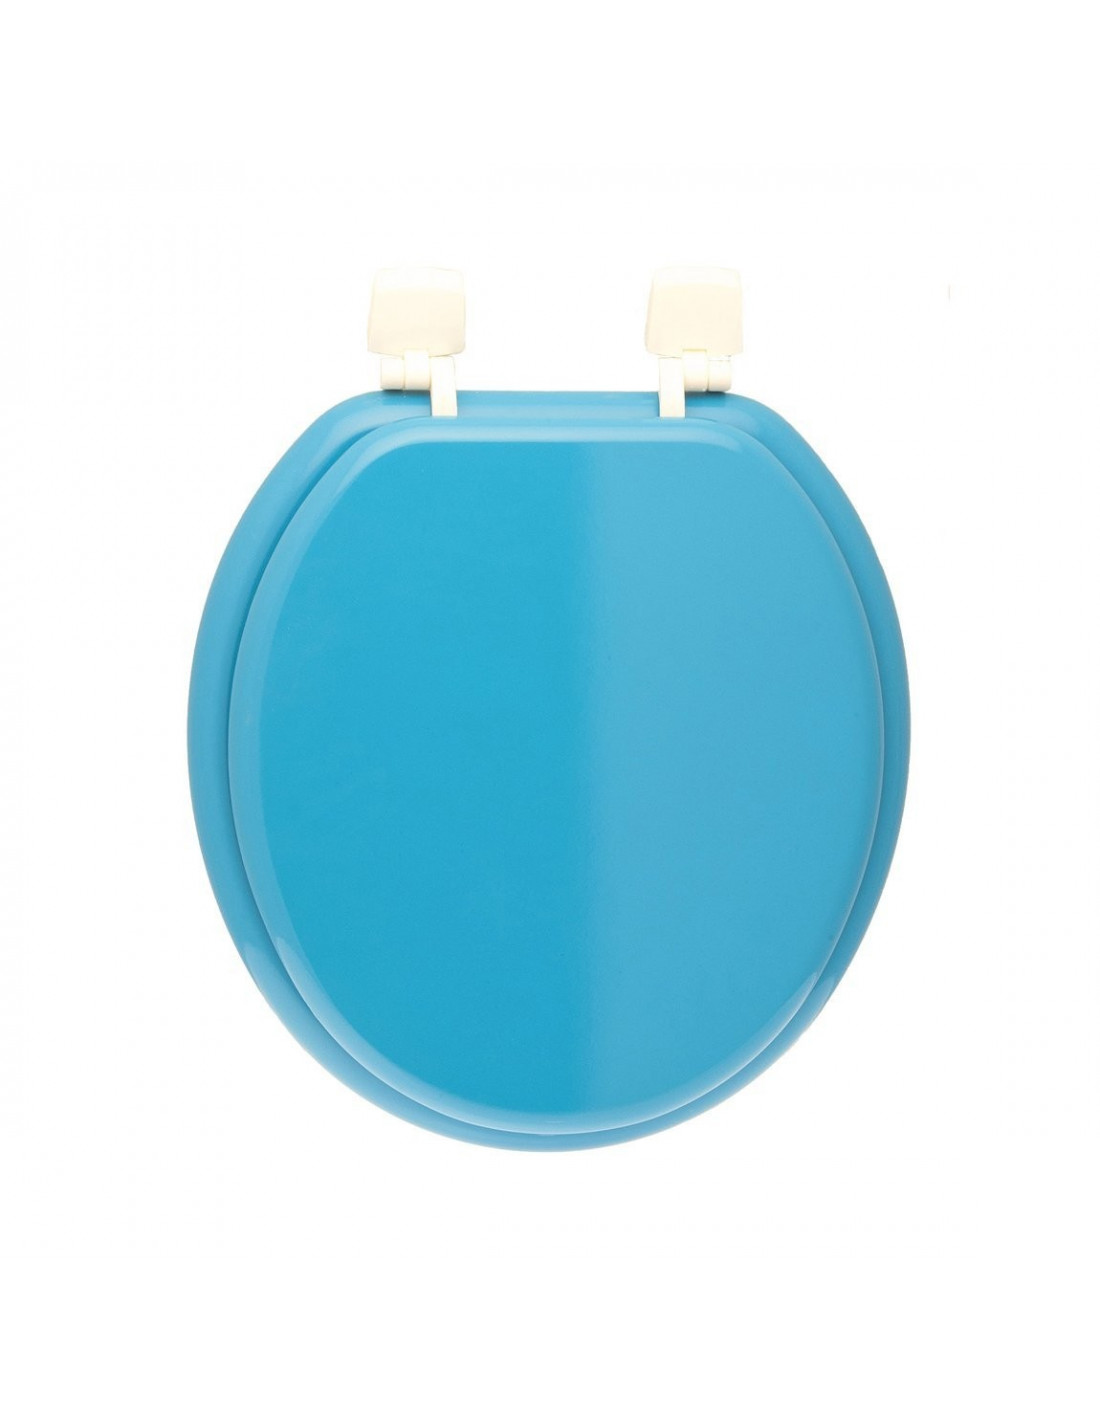 frandis abattant wc mdf bleu hyper brico. Black Bedroom Furniture Sets. Home Design Ideas